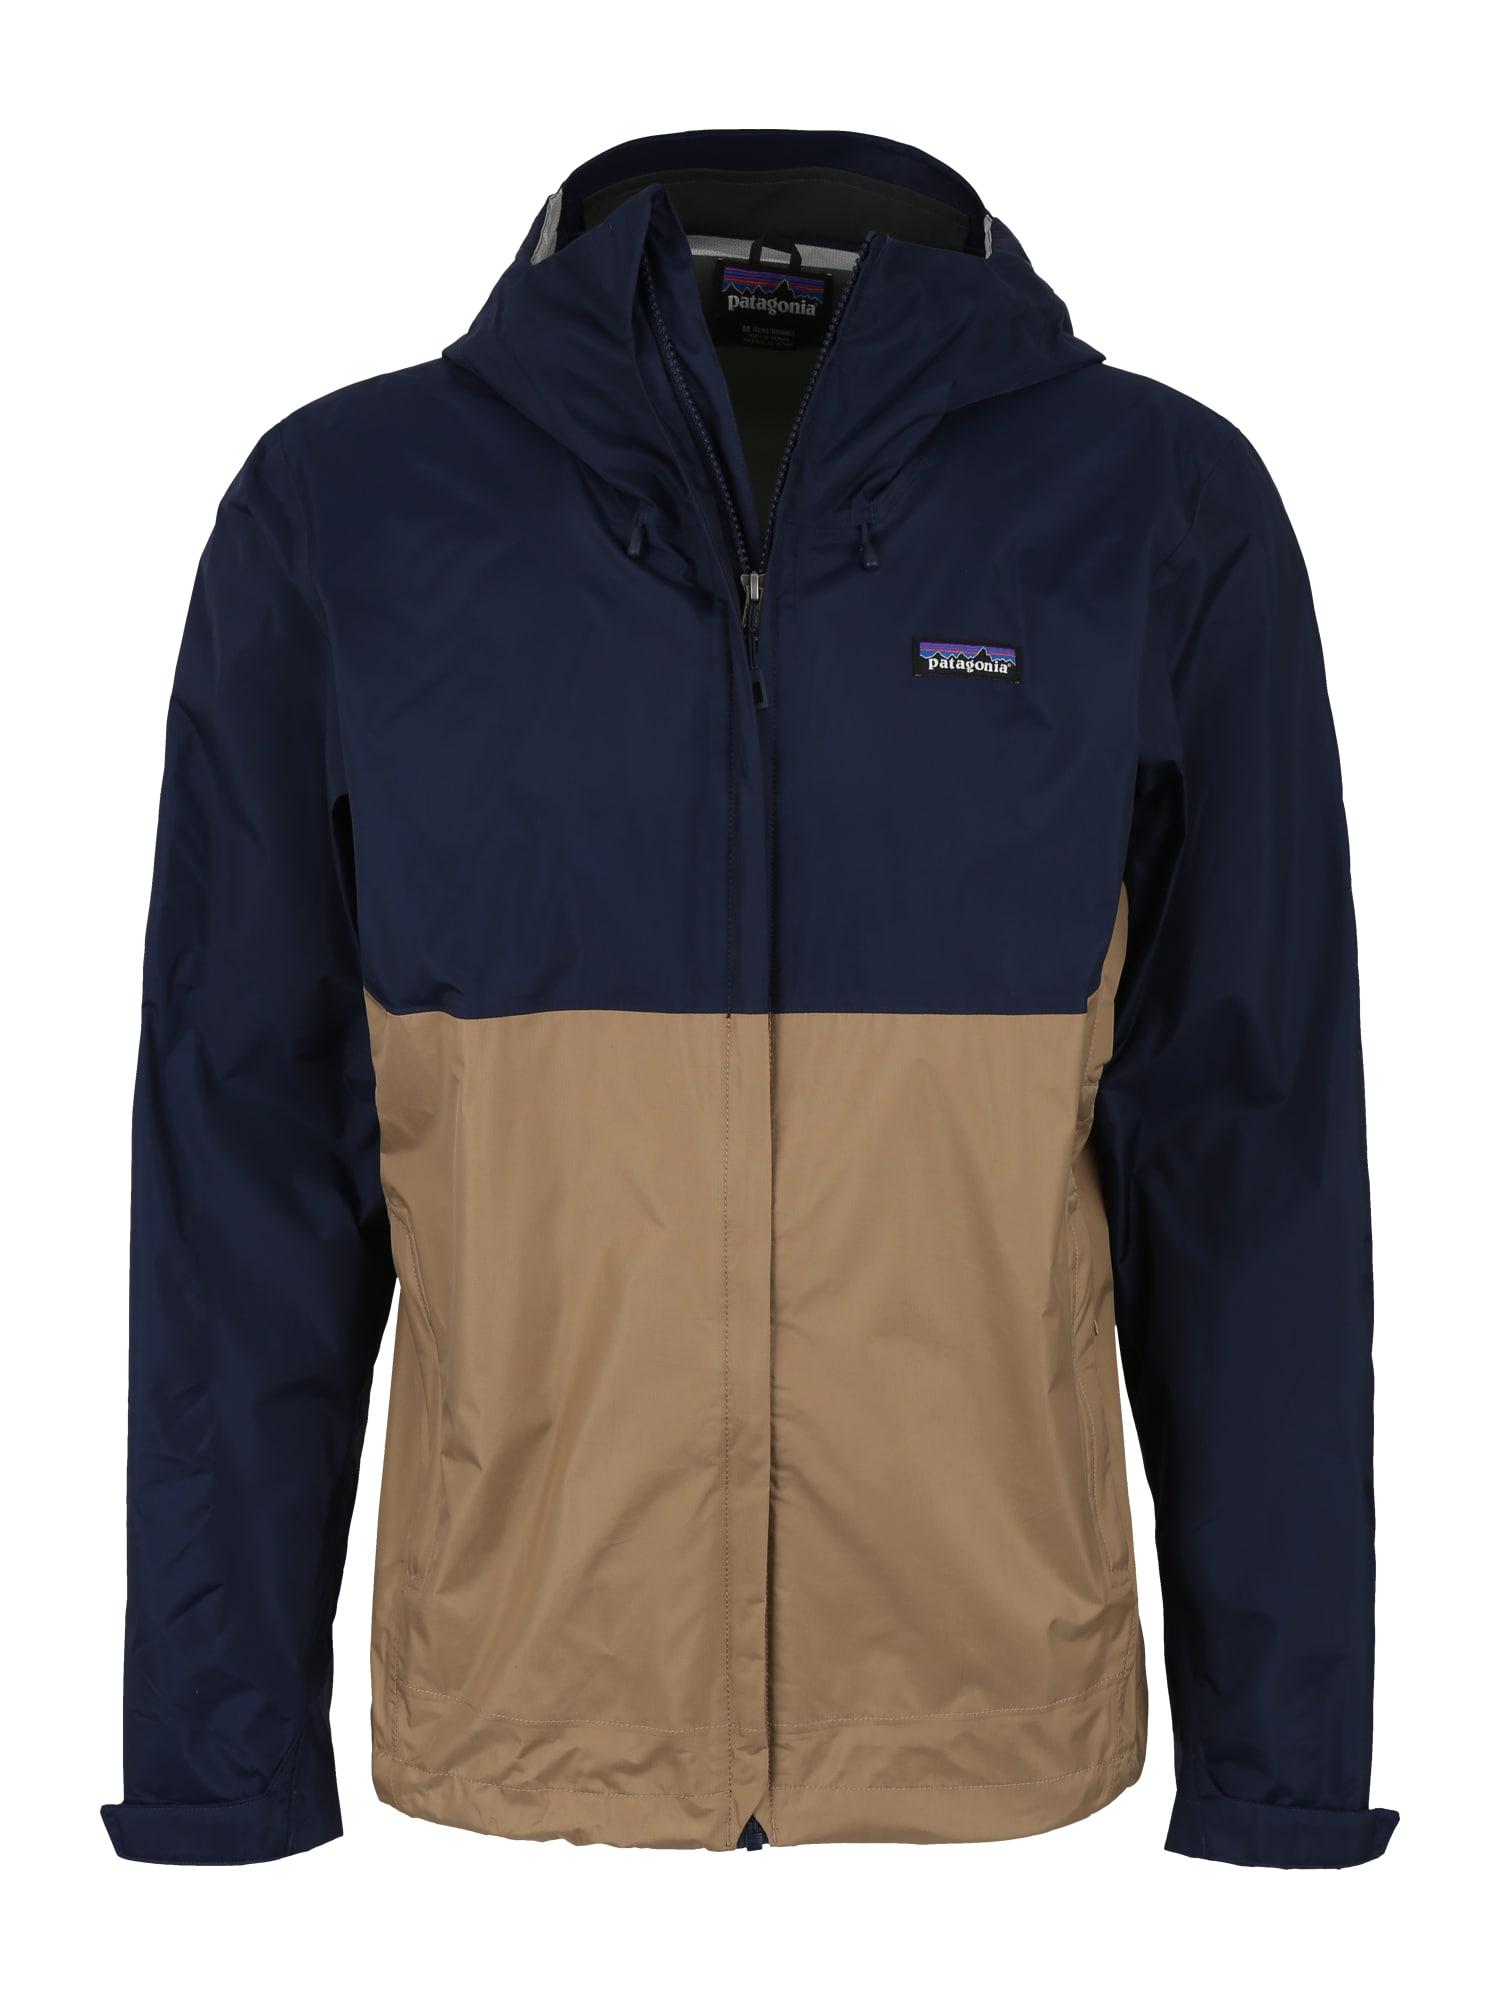 Outdoorová bunda Torrentshell béžová námořnická modř PATAGONIA